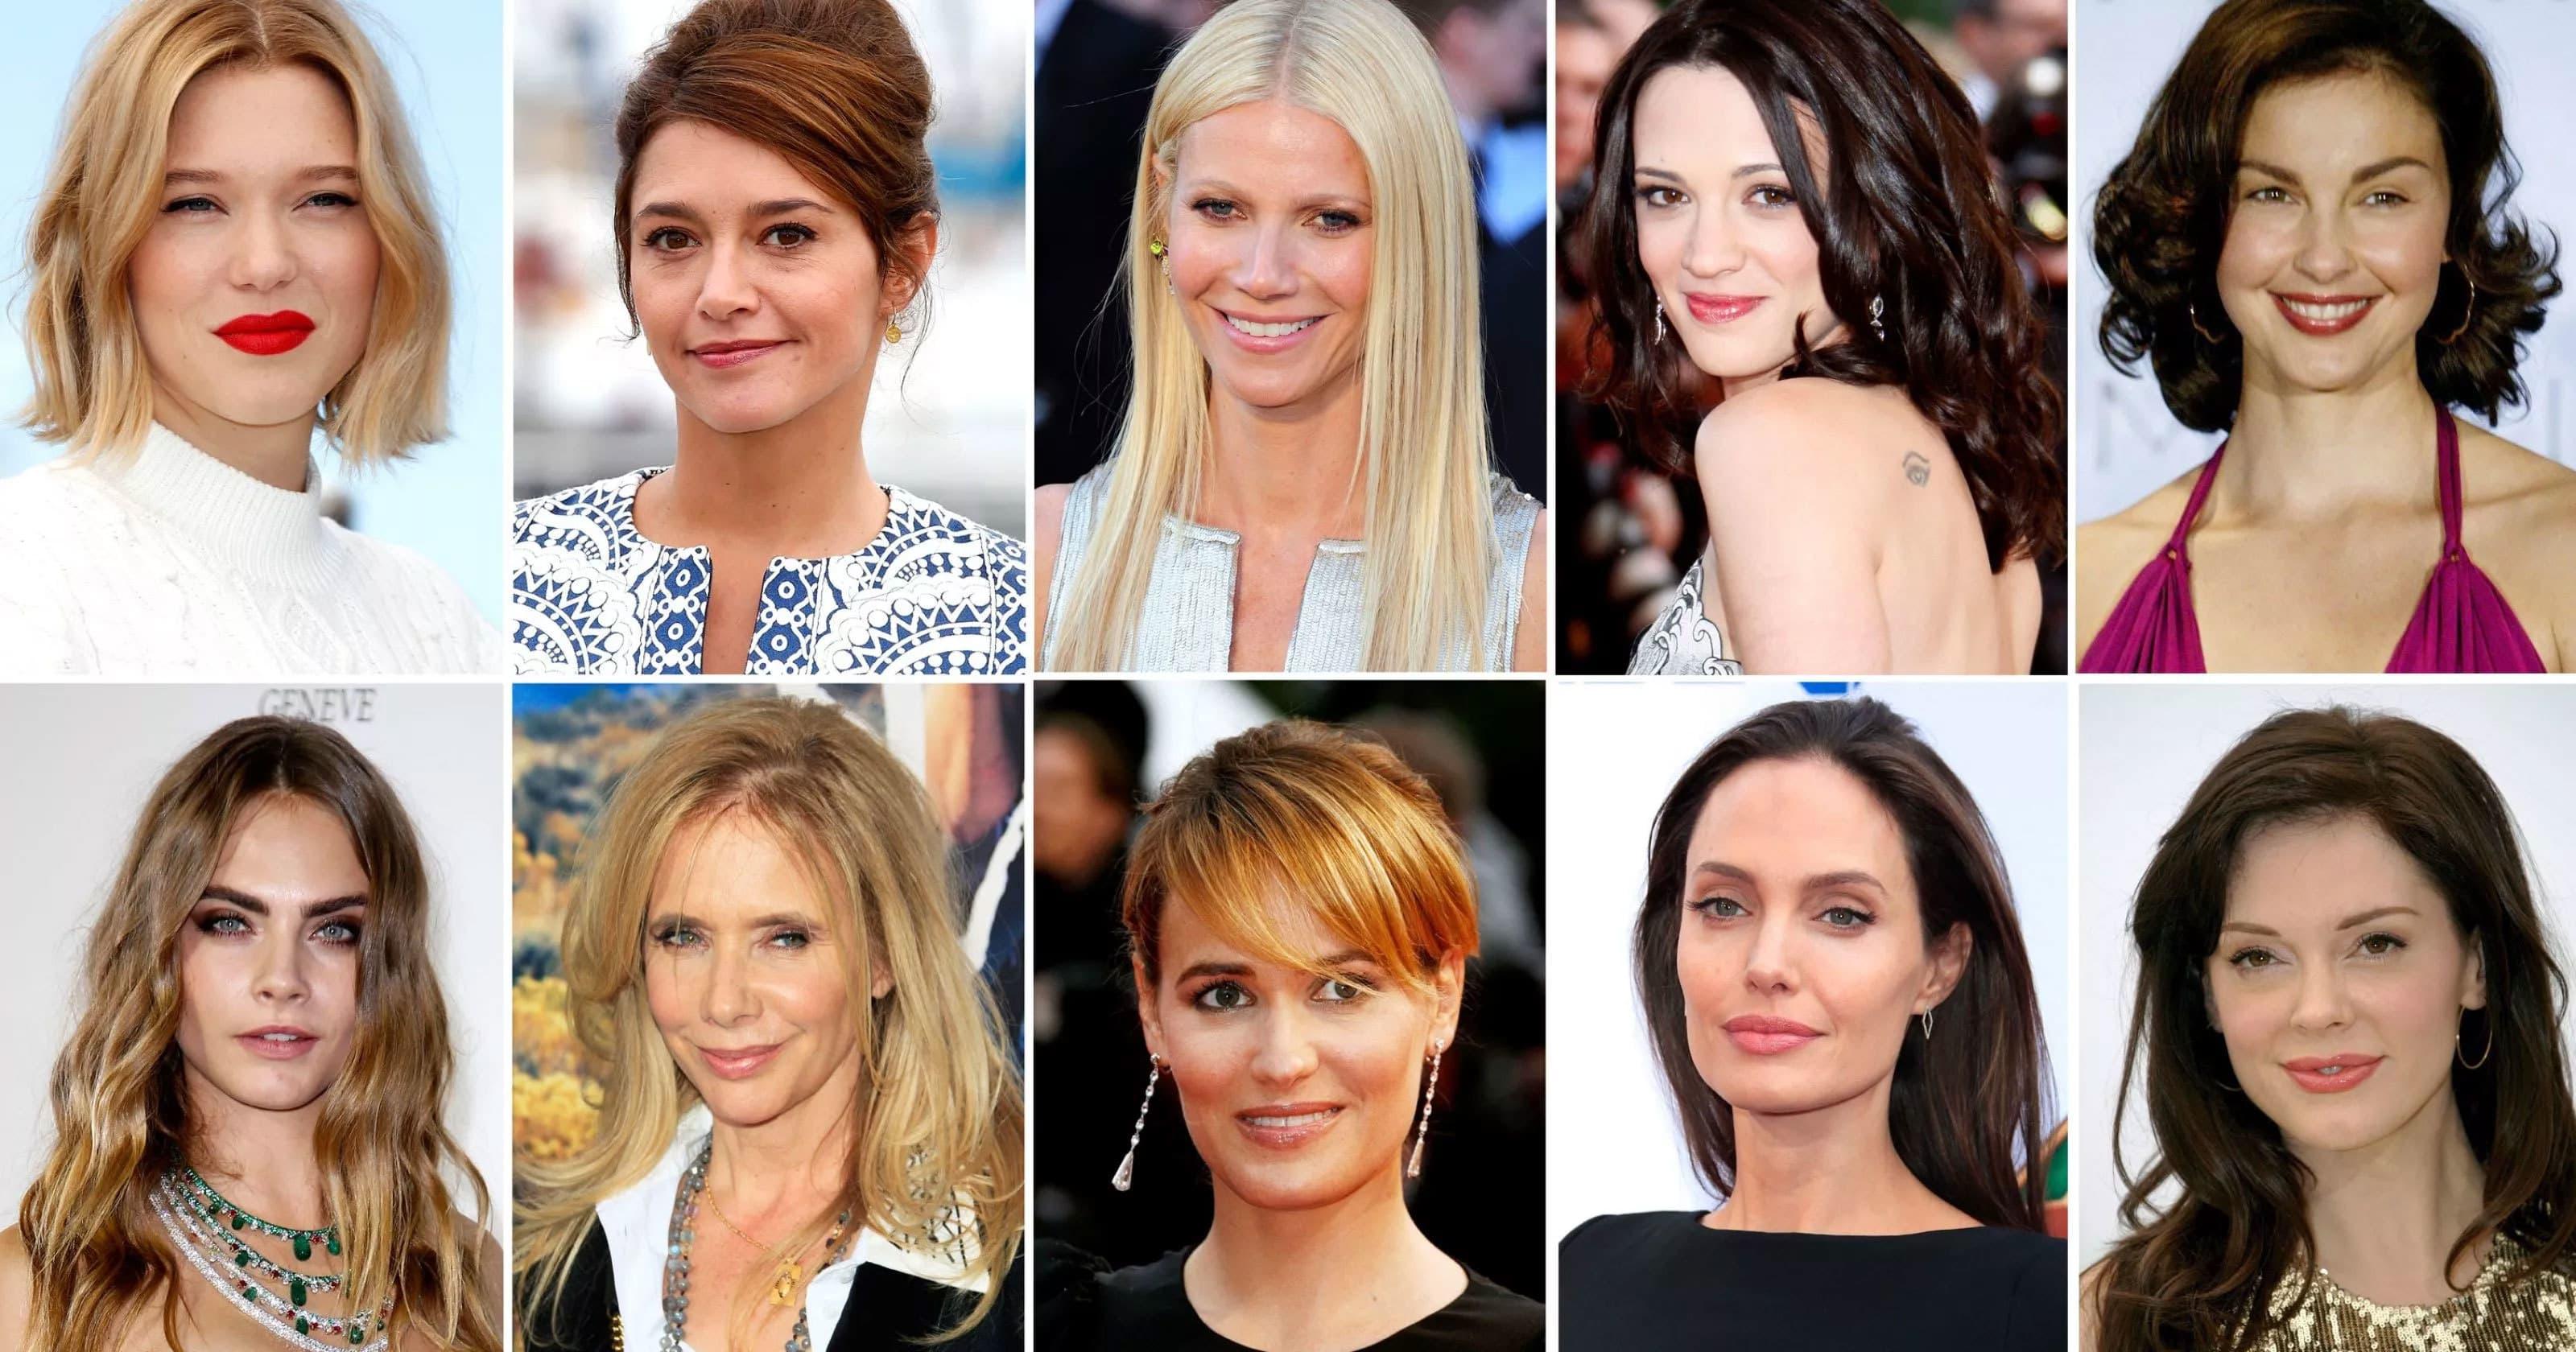 ہاروی وائنسٹن پر الزام لگانے والی خواتین میں معروف اداکارائیں بھی شامل ہیں—فوٹو: یو ایس ٹوڈے